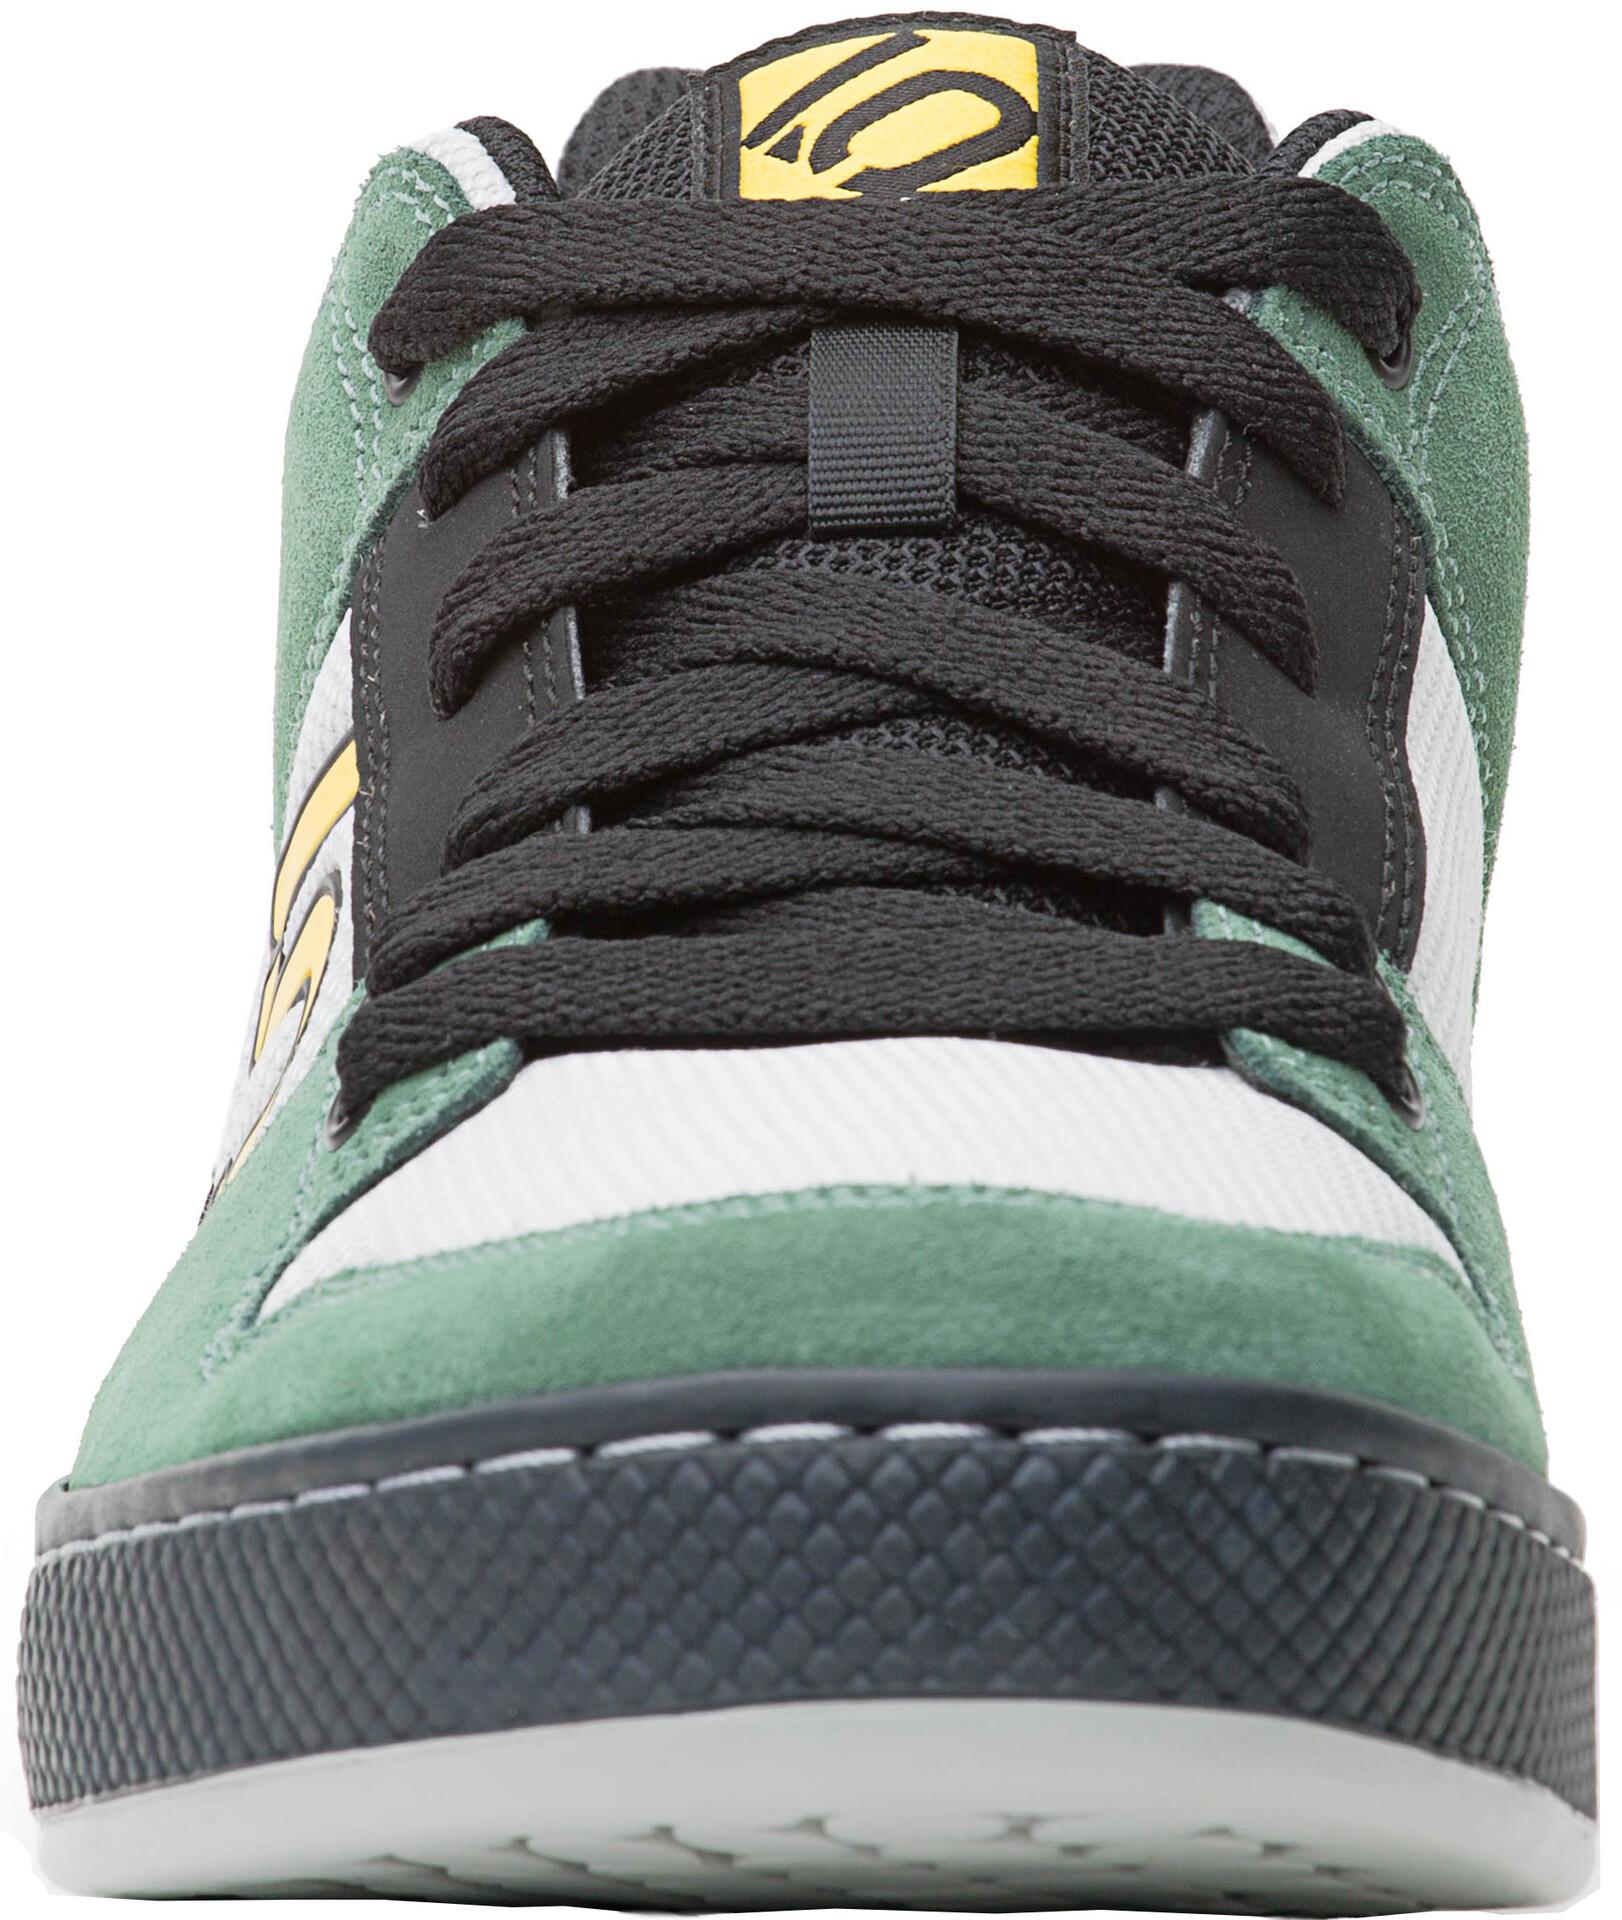 hintaan kengät Five Ten uskomattomaan harmaavihreä Freerider xwqz4YZg 4b3e0b2131